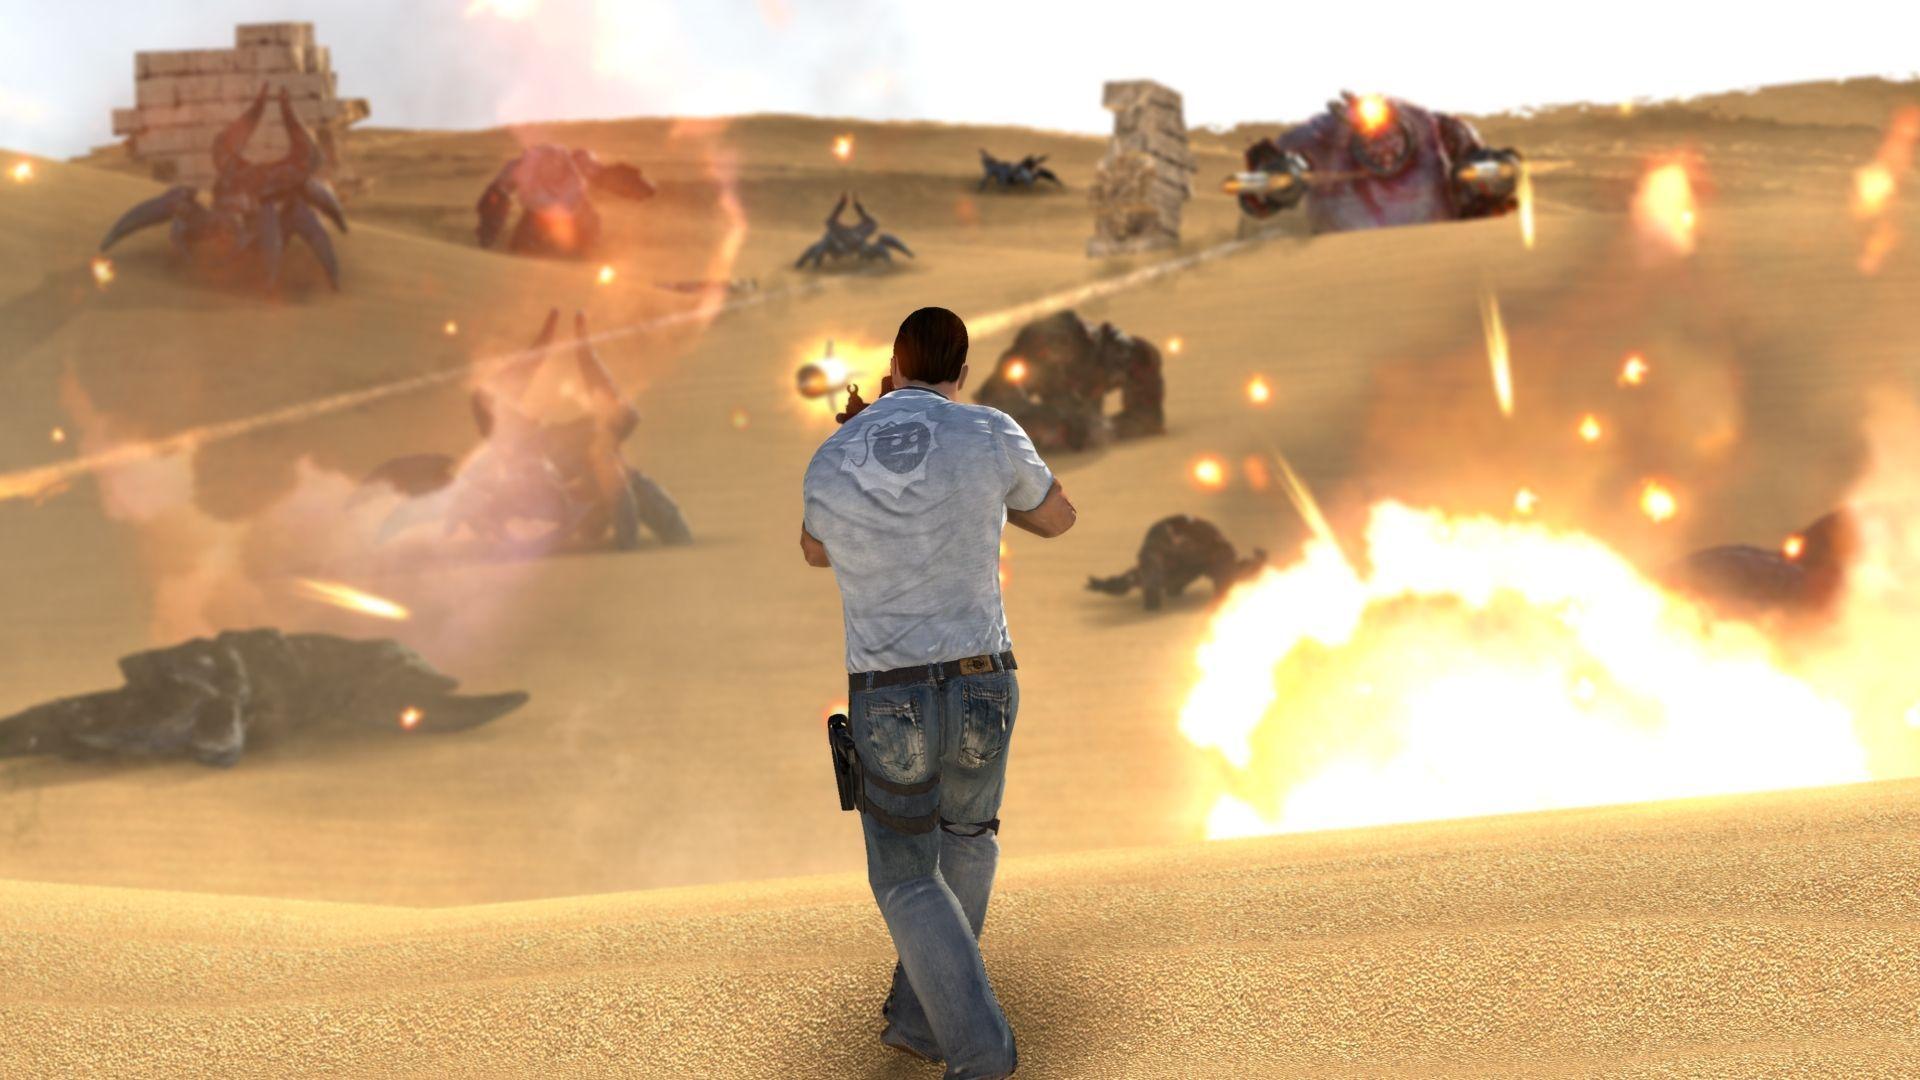 سی دی کی اریجینال استیم بازی Serious Sam 3: BFE - Gold Edition